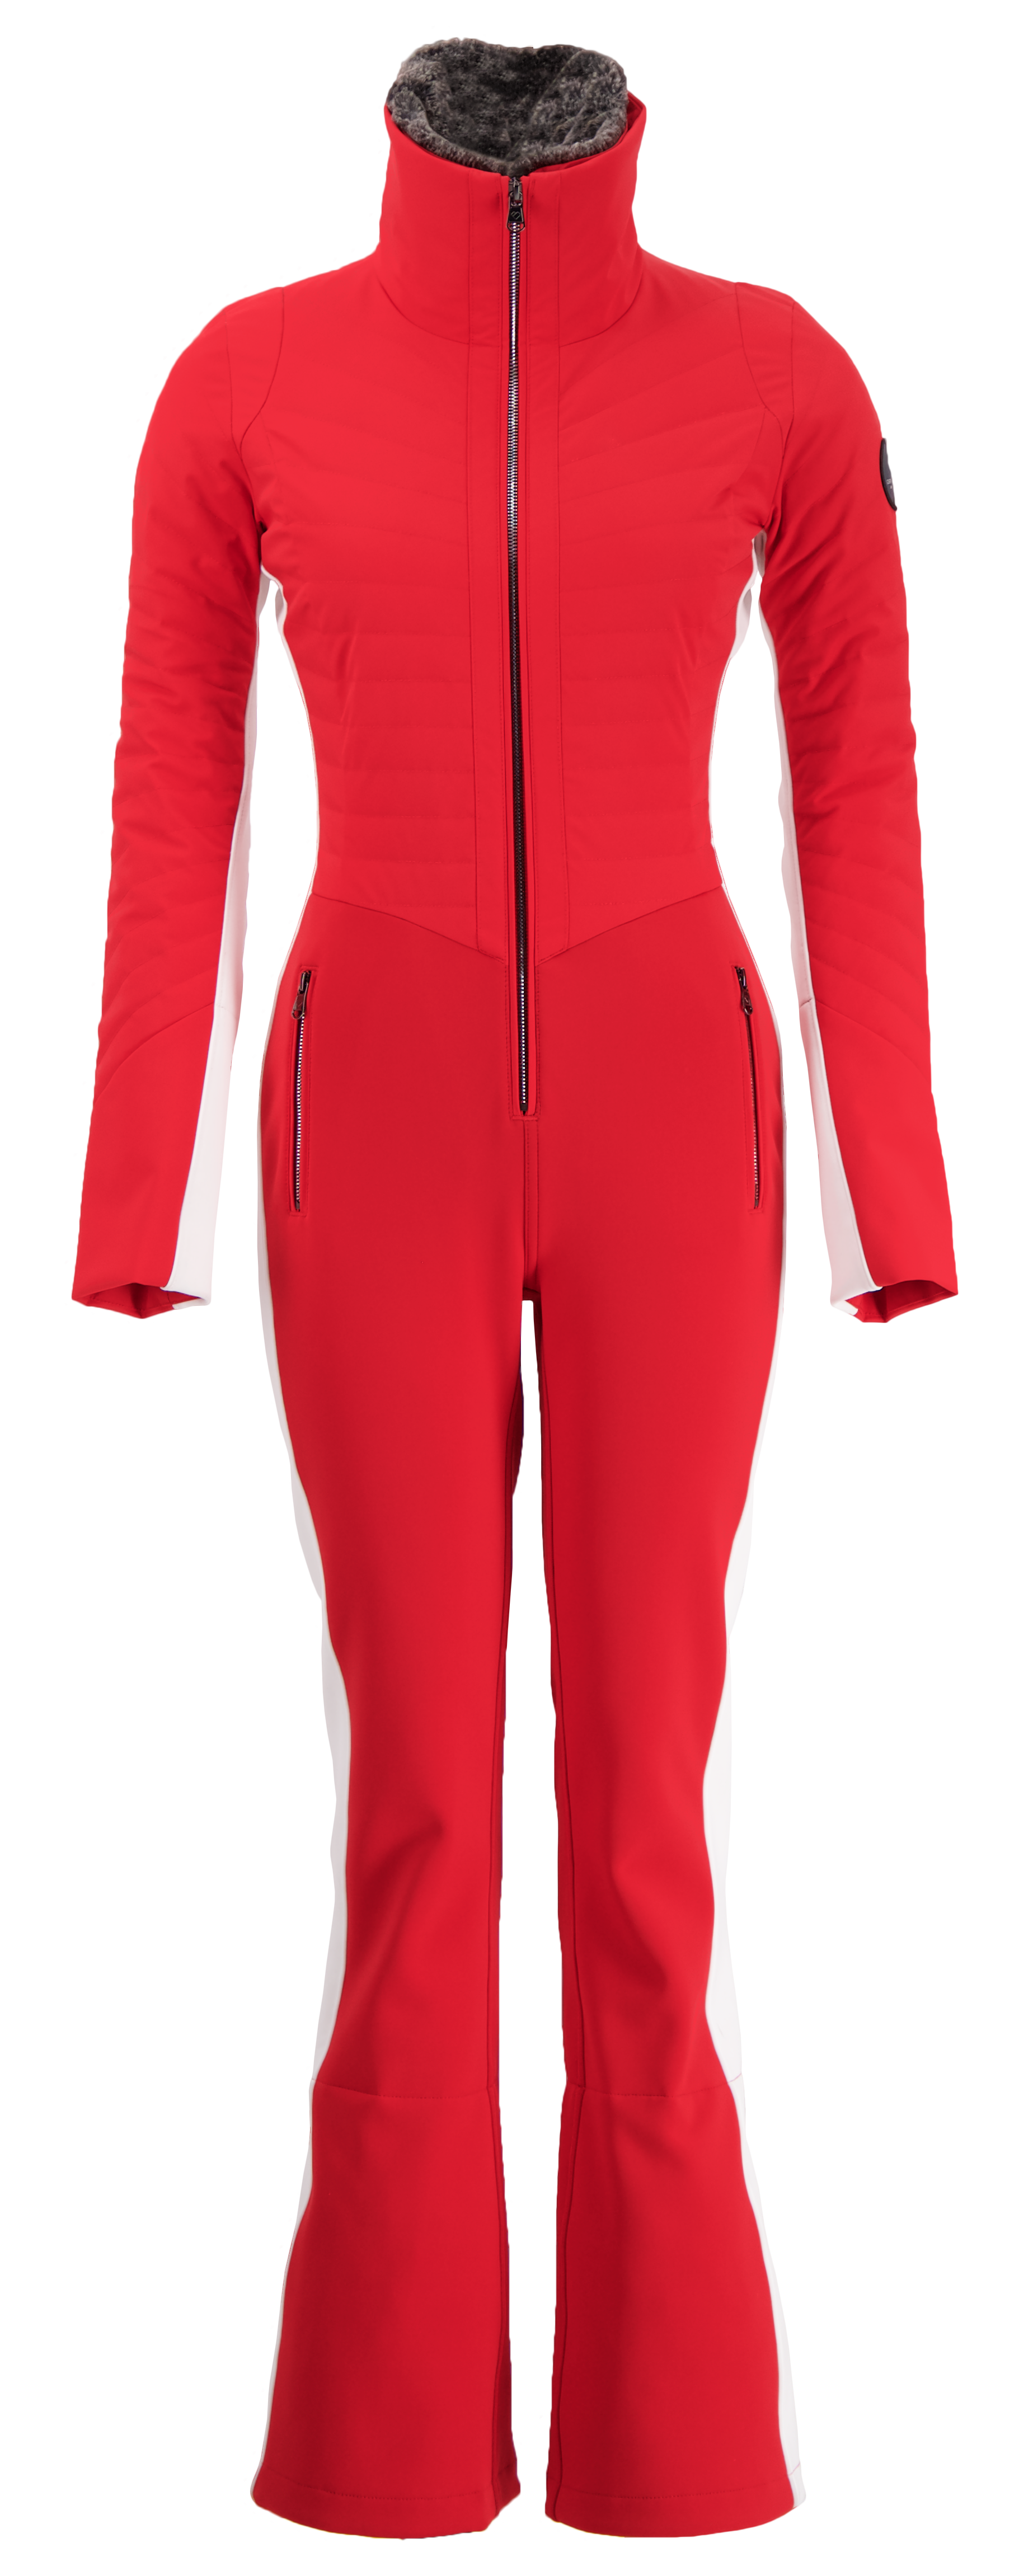 Spyder Jet Fur Jacket